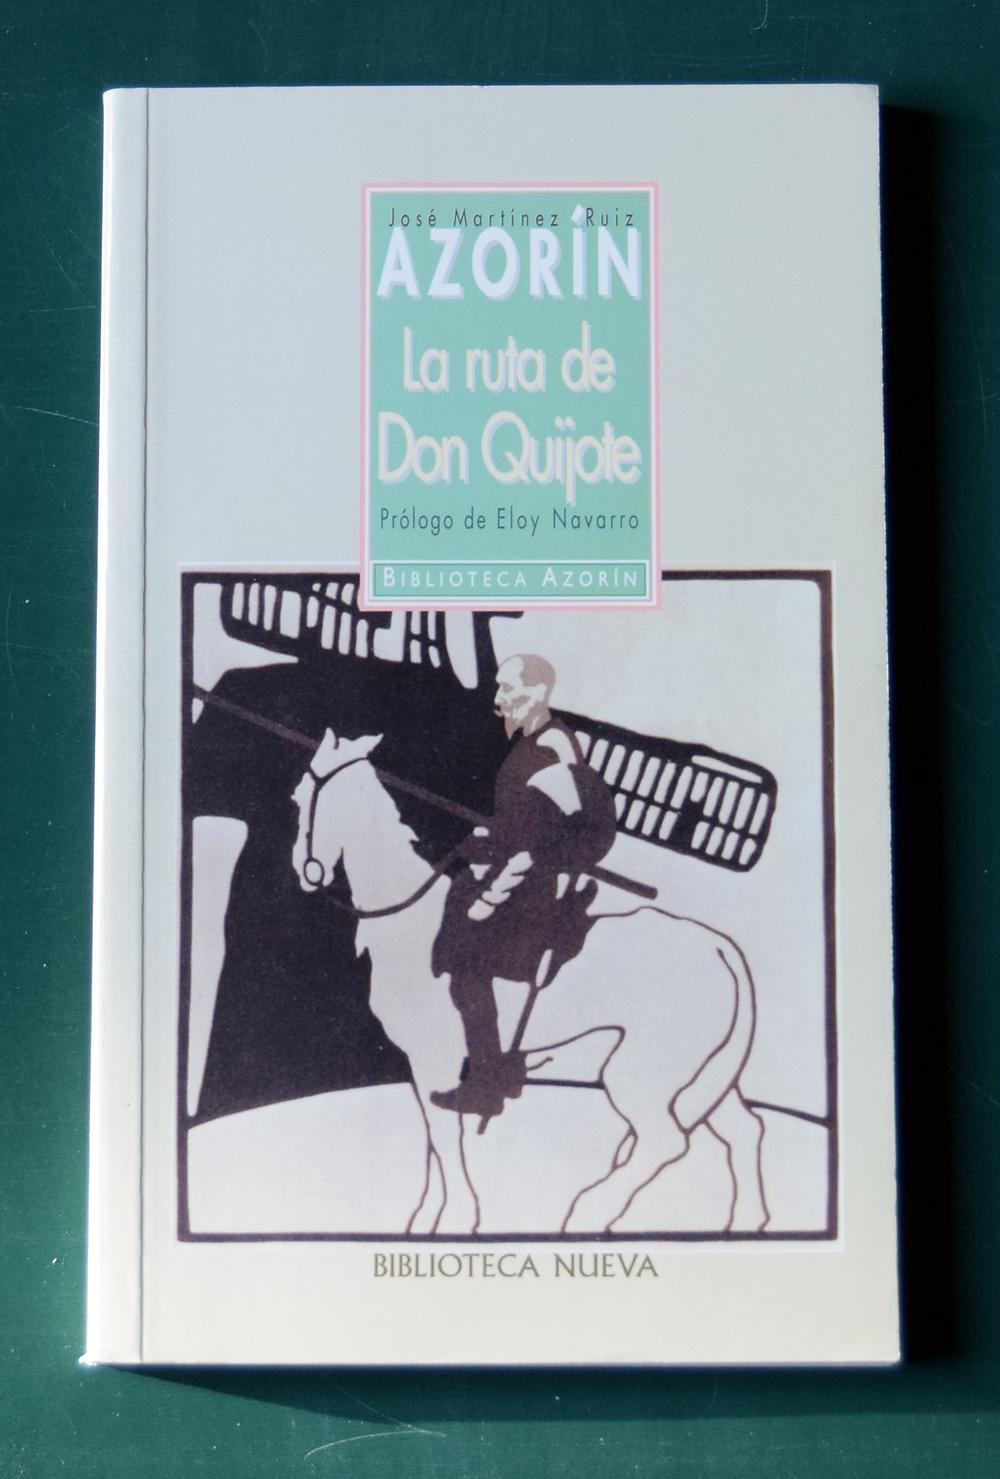 La ruta de Don Quijote. José Martínez Ruiz. Azorín. Prólogo de Eloy Navarro. CAM y Biblioteca Nueva. Madrid. 2005.